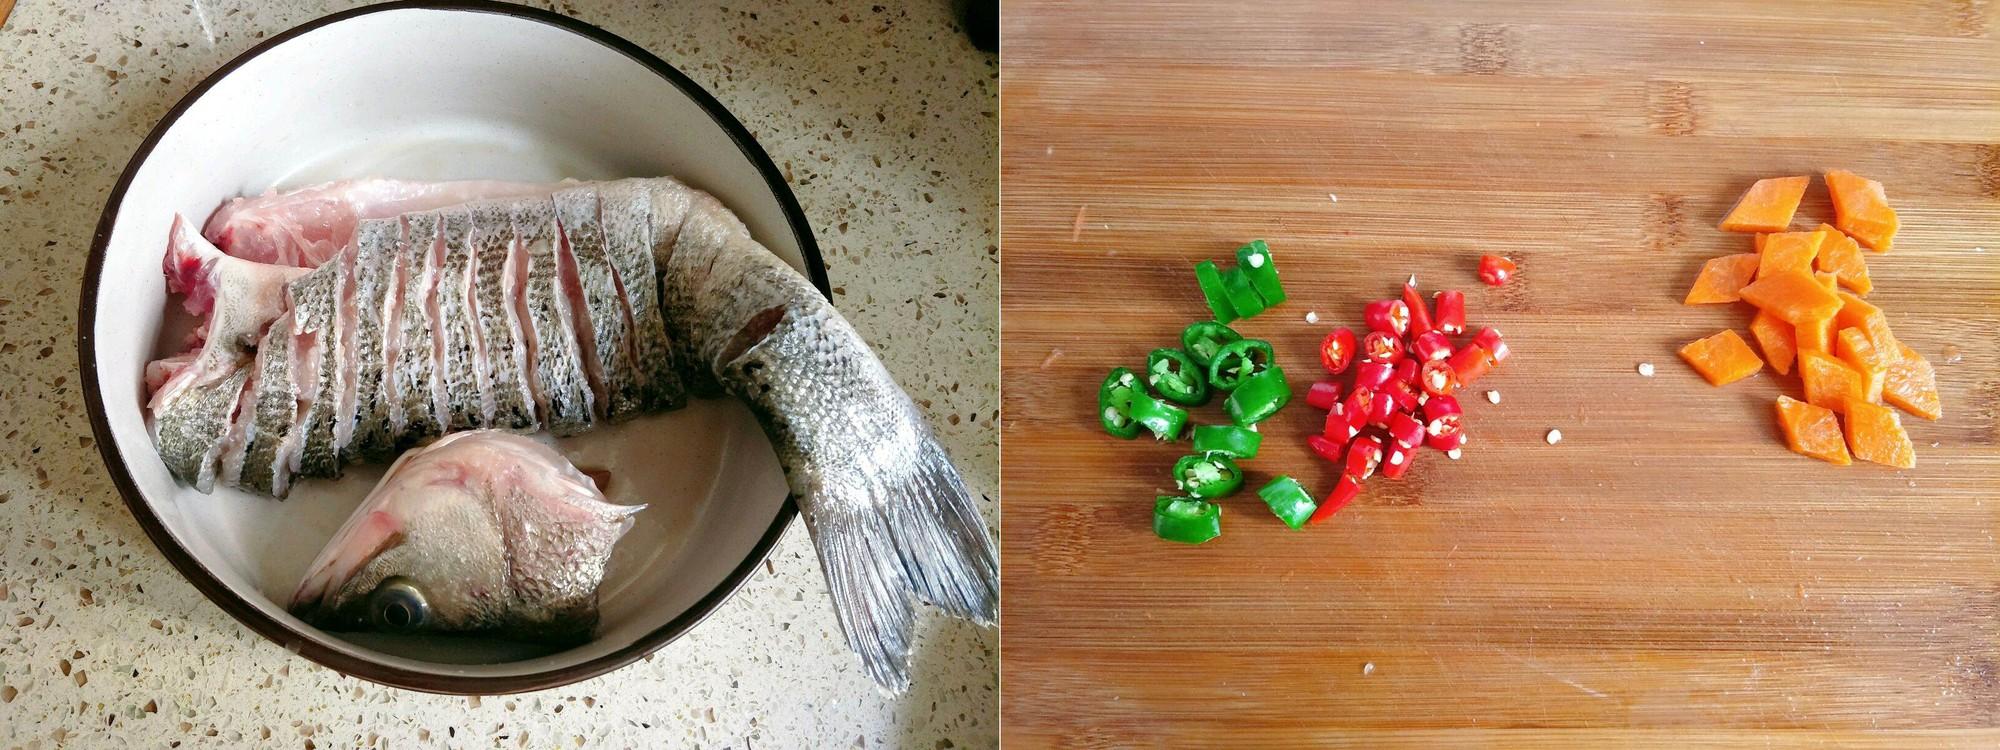 Nguyên liệu và cách làm món cá hấp